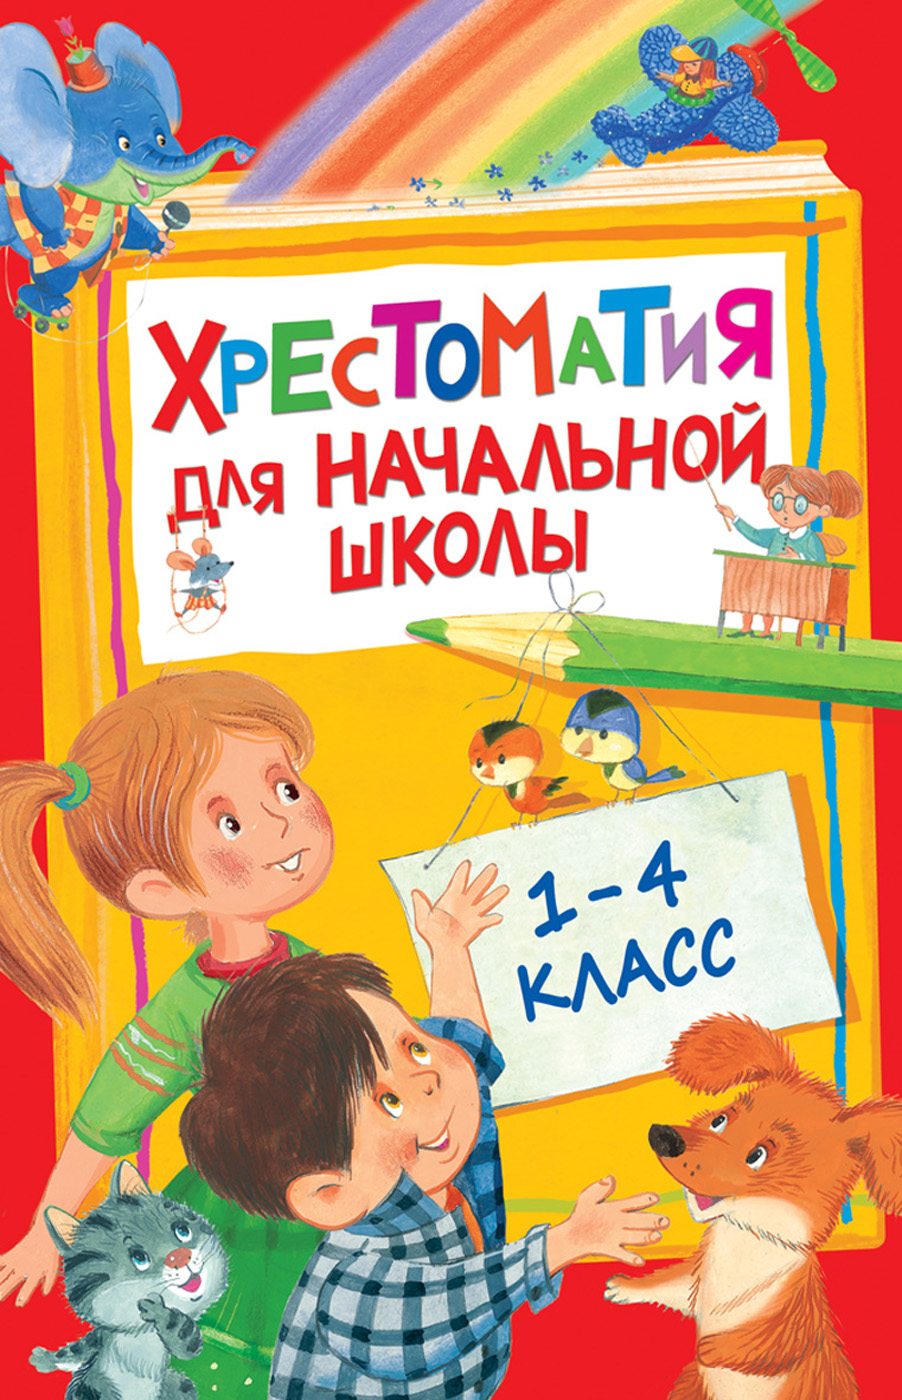 Барто А.Л. Хрестоматия для начальной школы. 1-4 класс